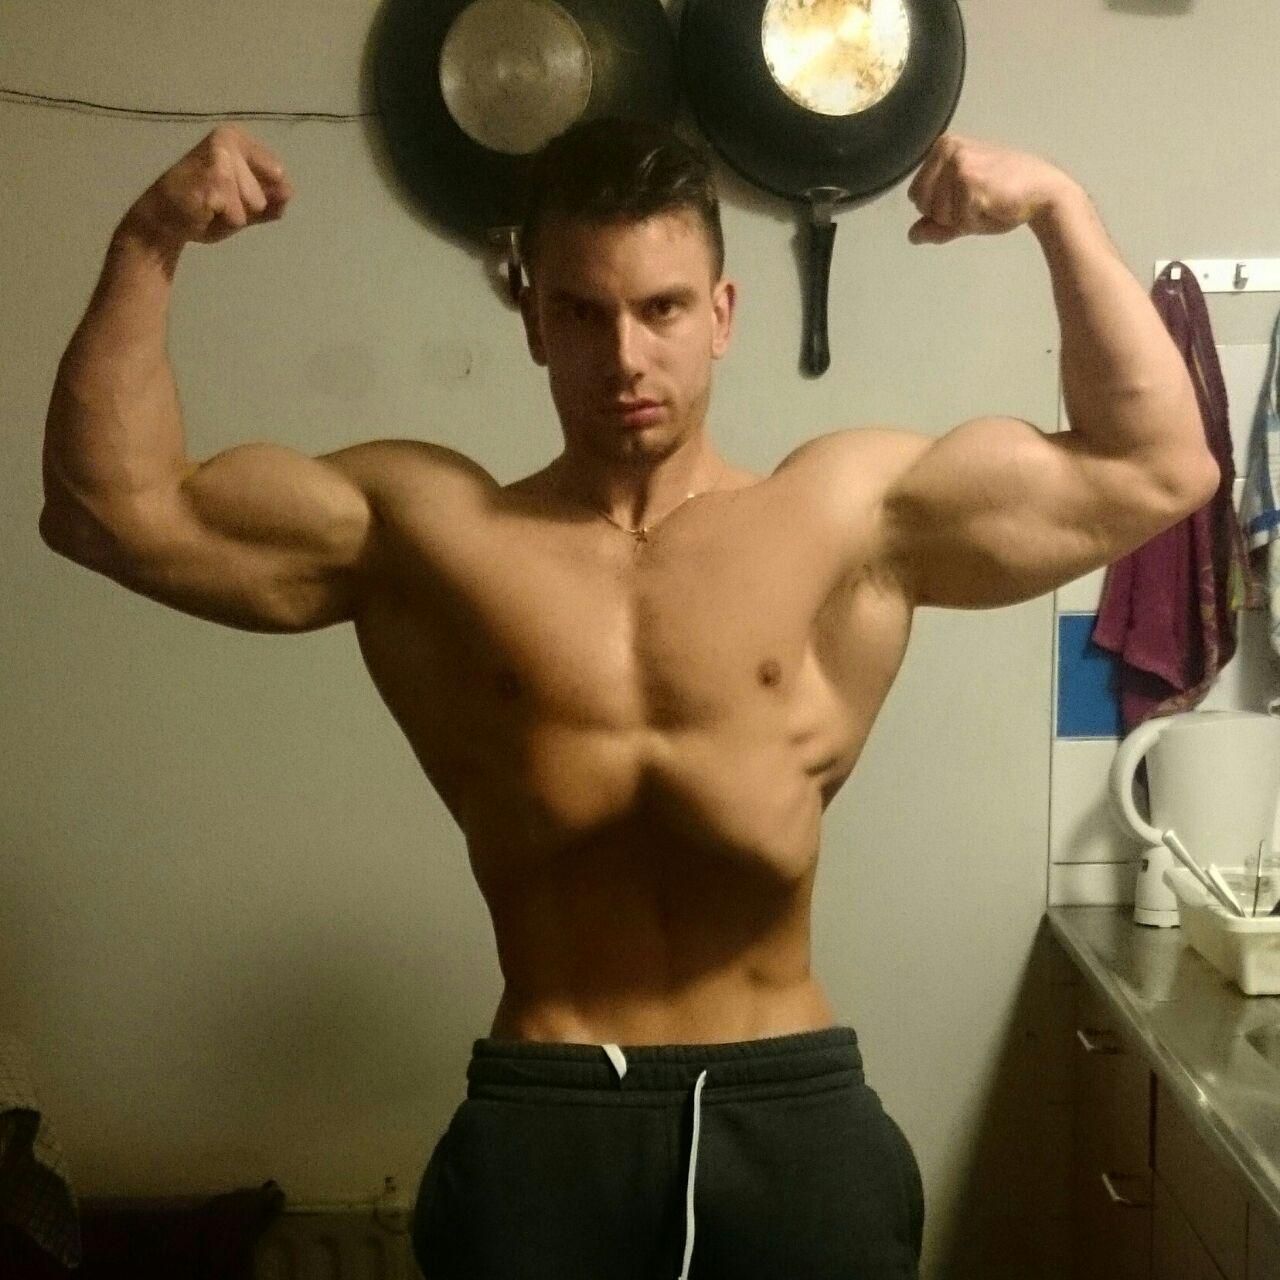 Jan Willem van der Klis Bodybuilding Kleding gesponsorde atleet front double biceps